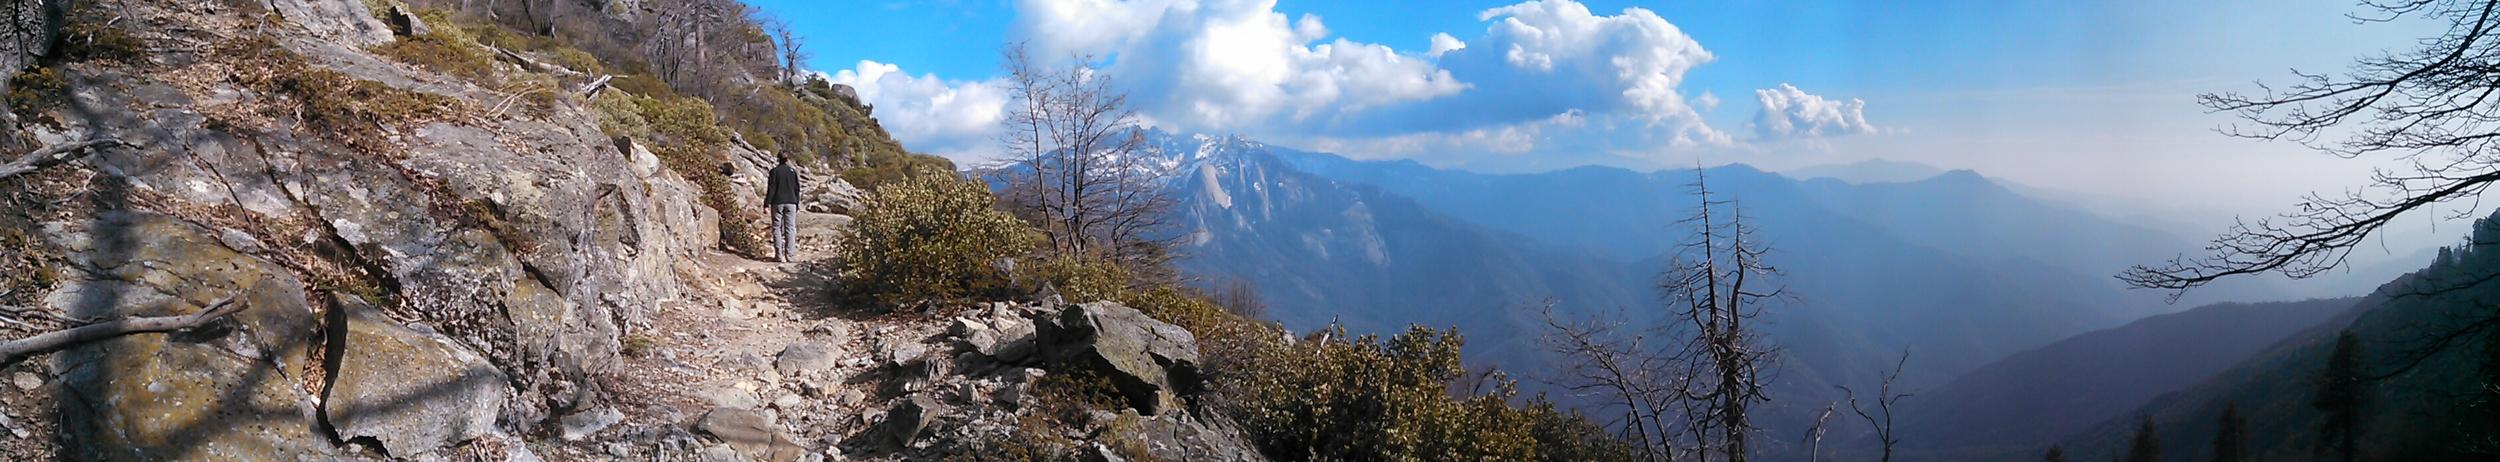 High Sierra Trail2.jpg